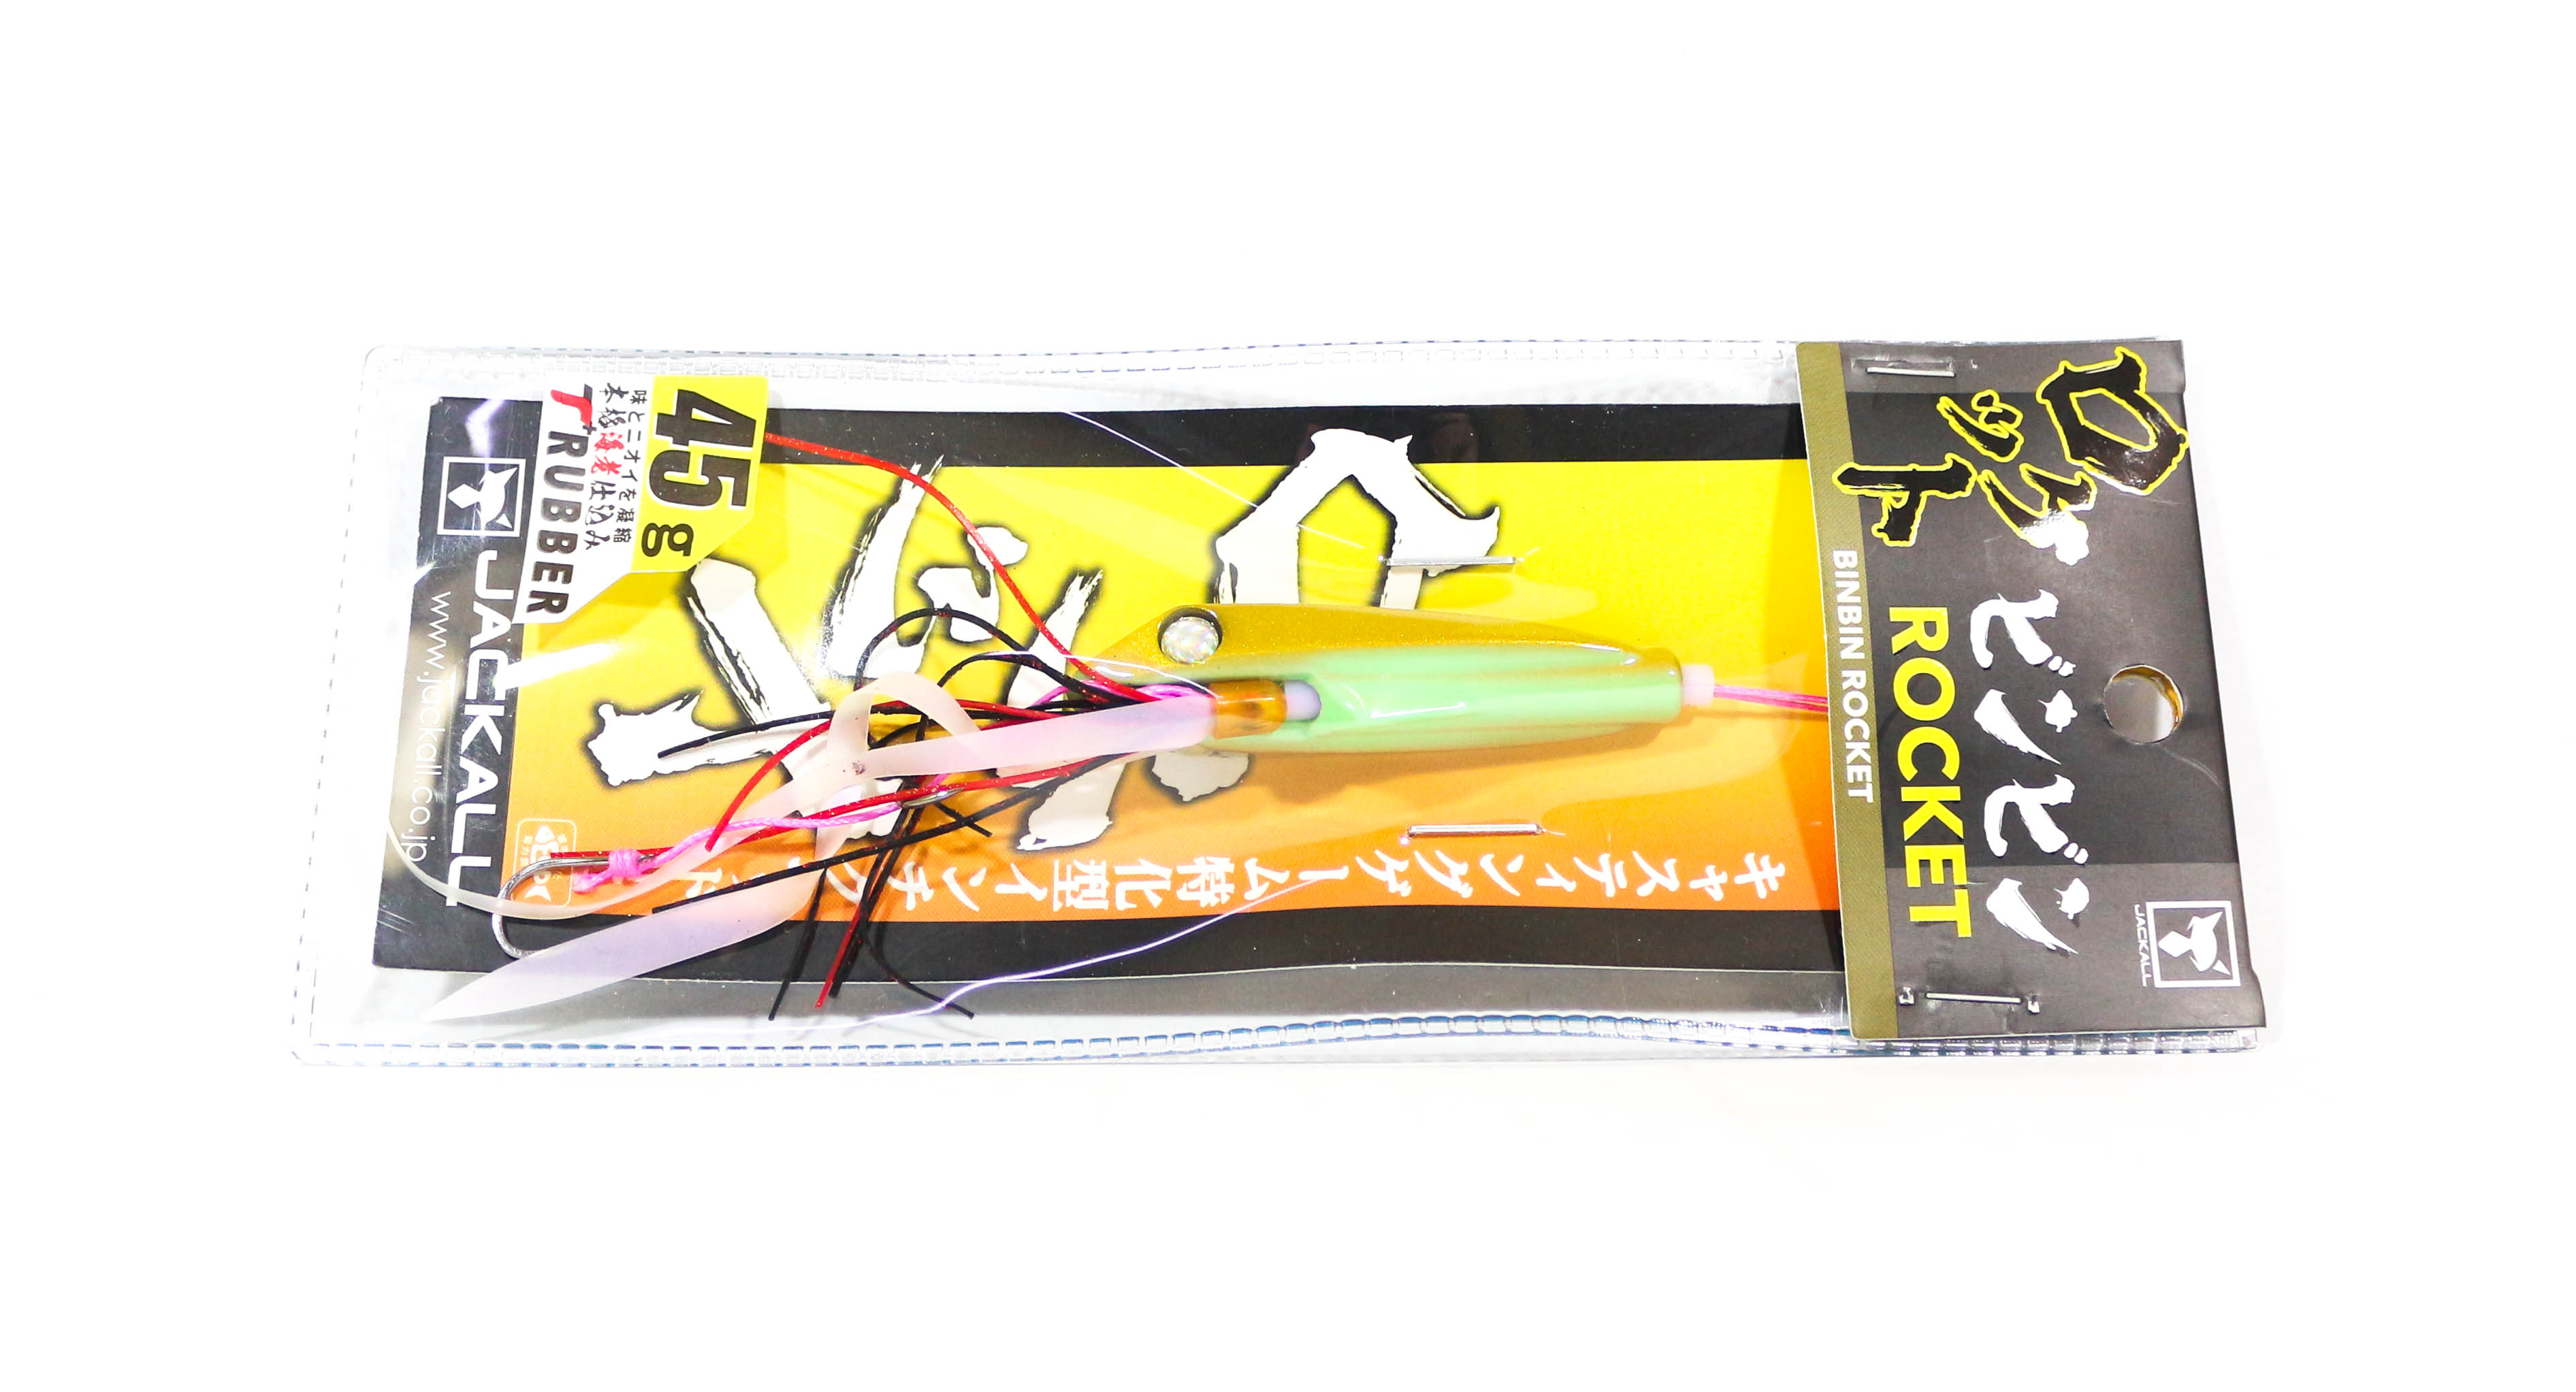 Jackall Bin Bin Rocket 45 grams Inchiku Chart Glow Gold  (3871)